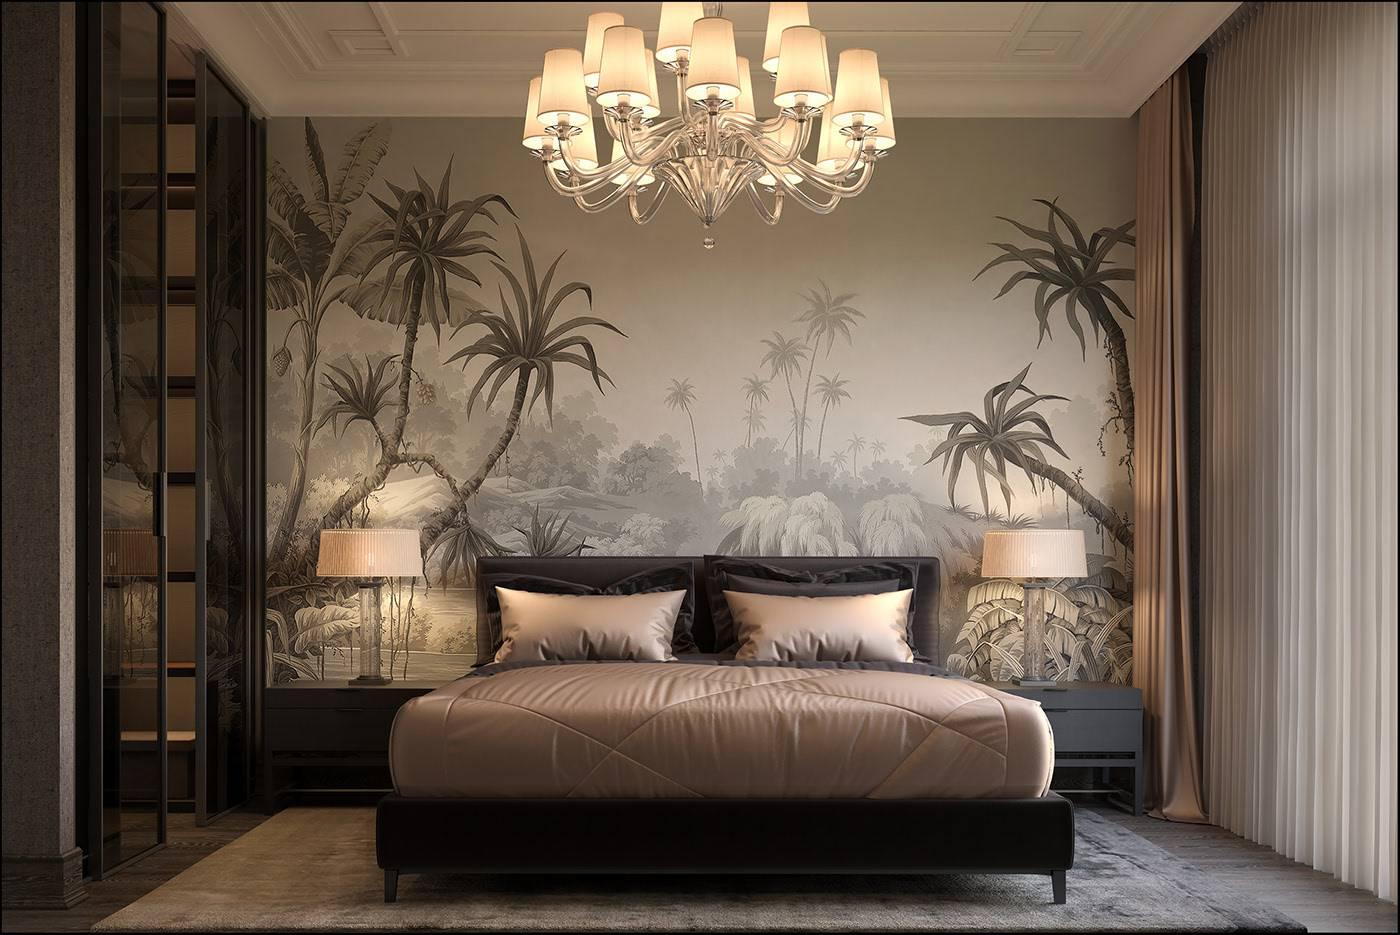 غرف النوم 2020 5